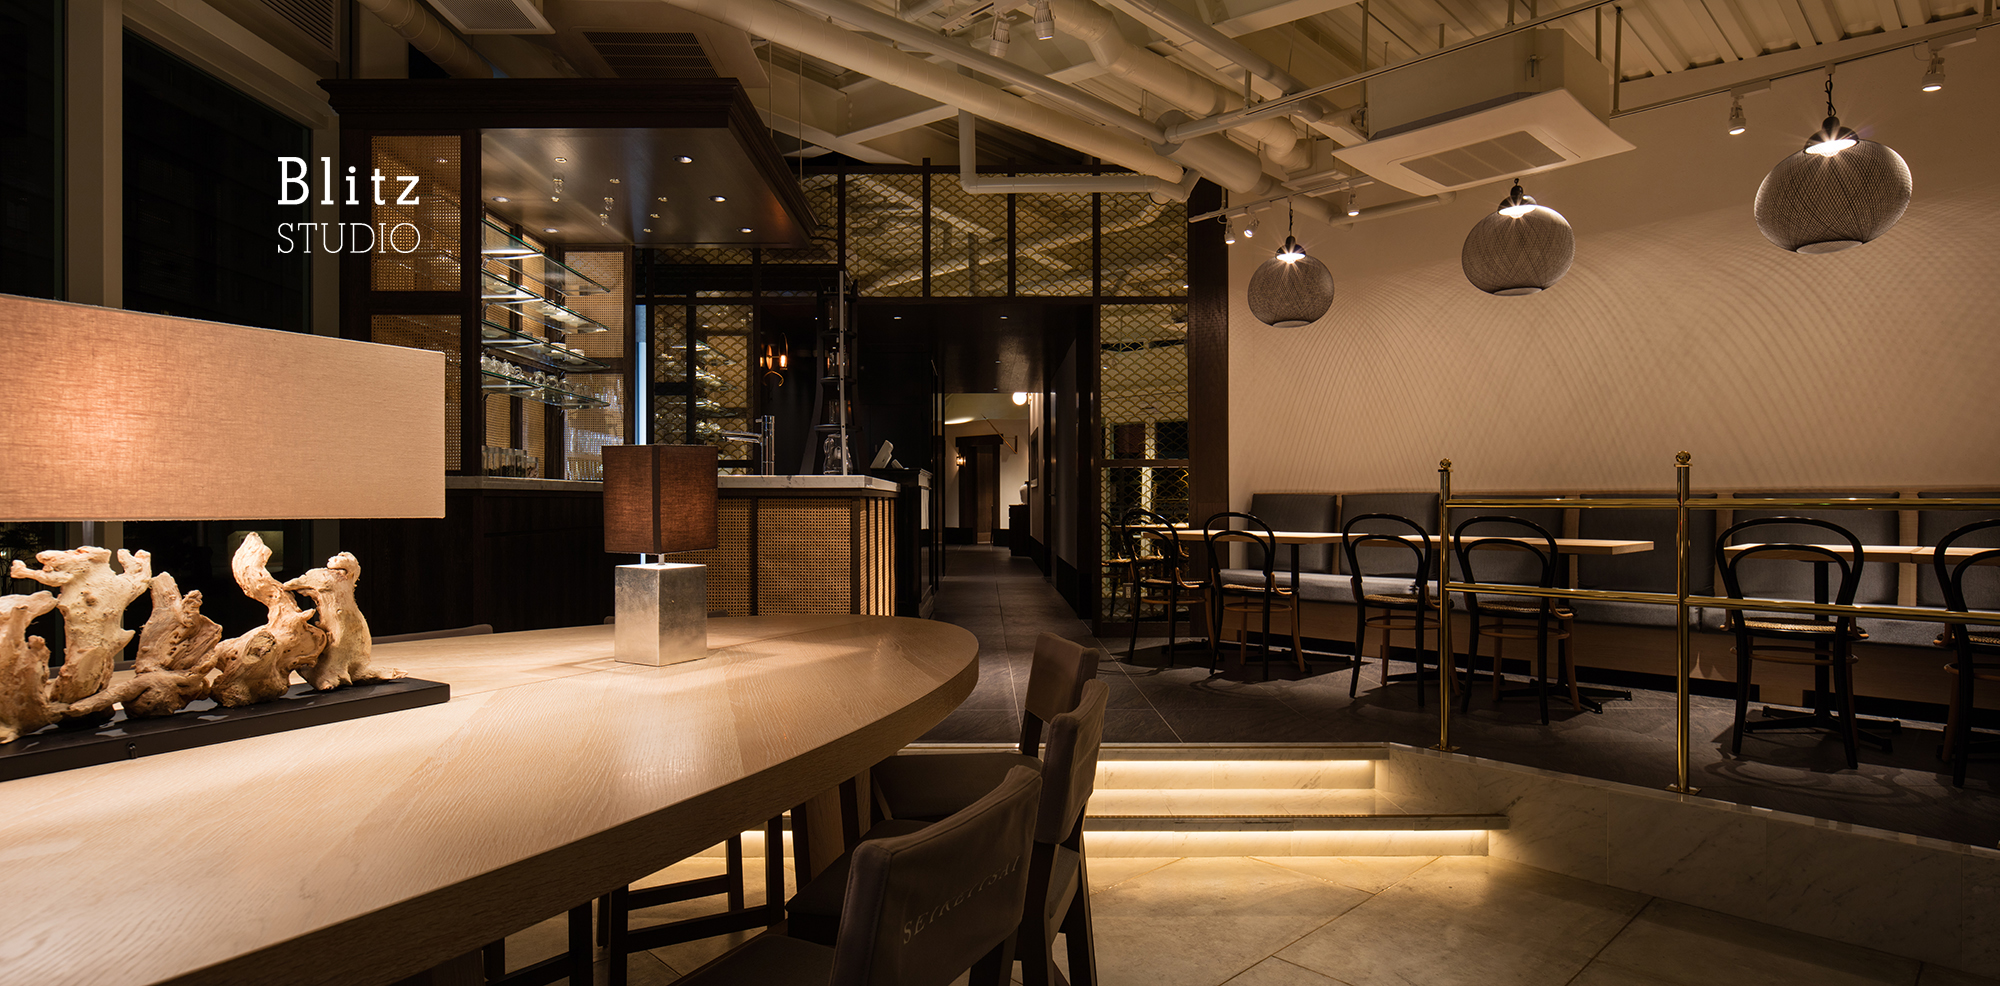 『星期菜 NOODLE & CHINOIS』建築写真・竣工写真・インテリア写真6